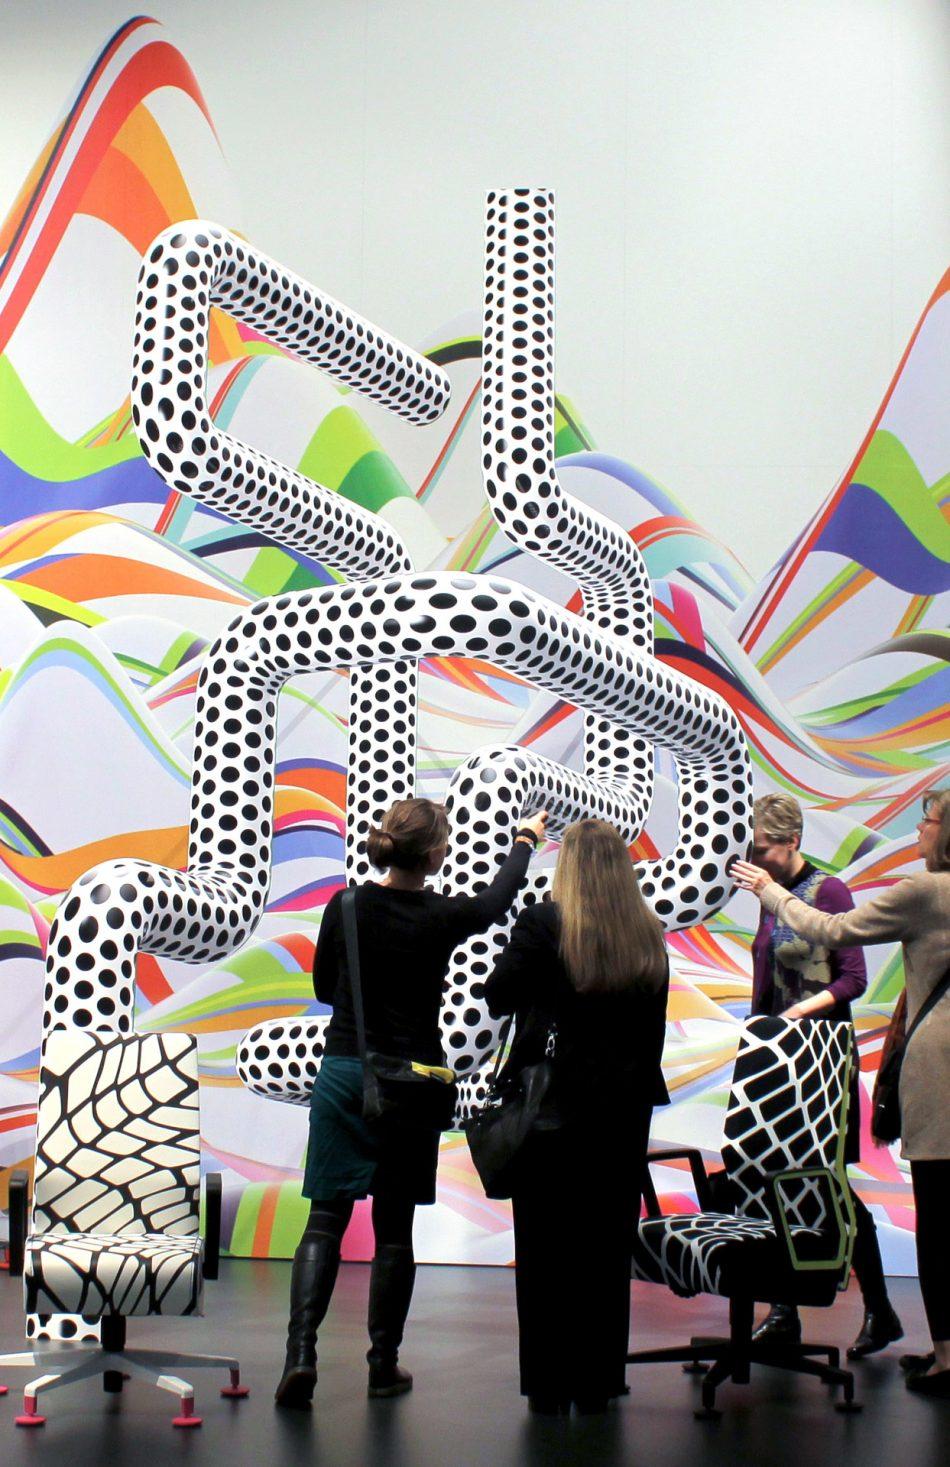 Markus Benesch markus benesch Markus Benesch Colorful Interior Decoration Markus Benesch 1